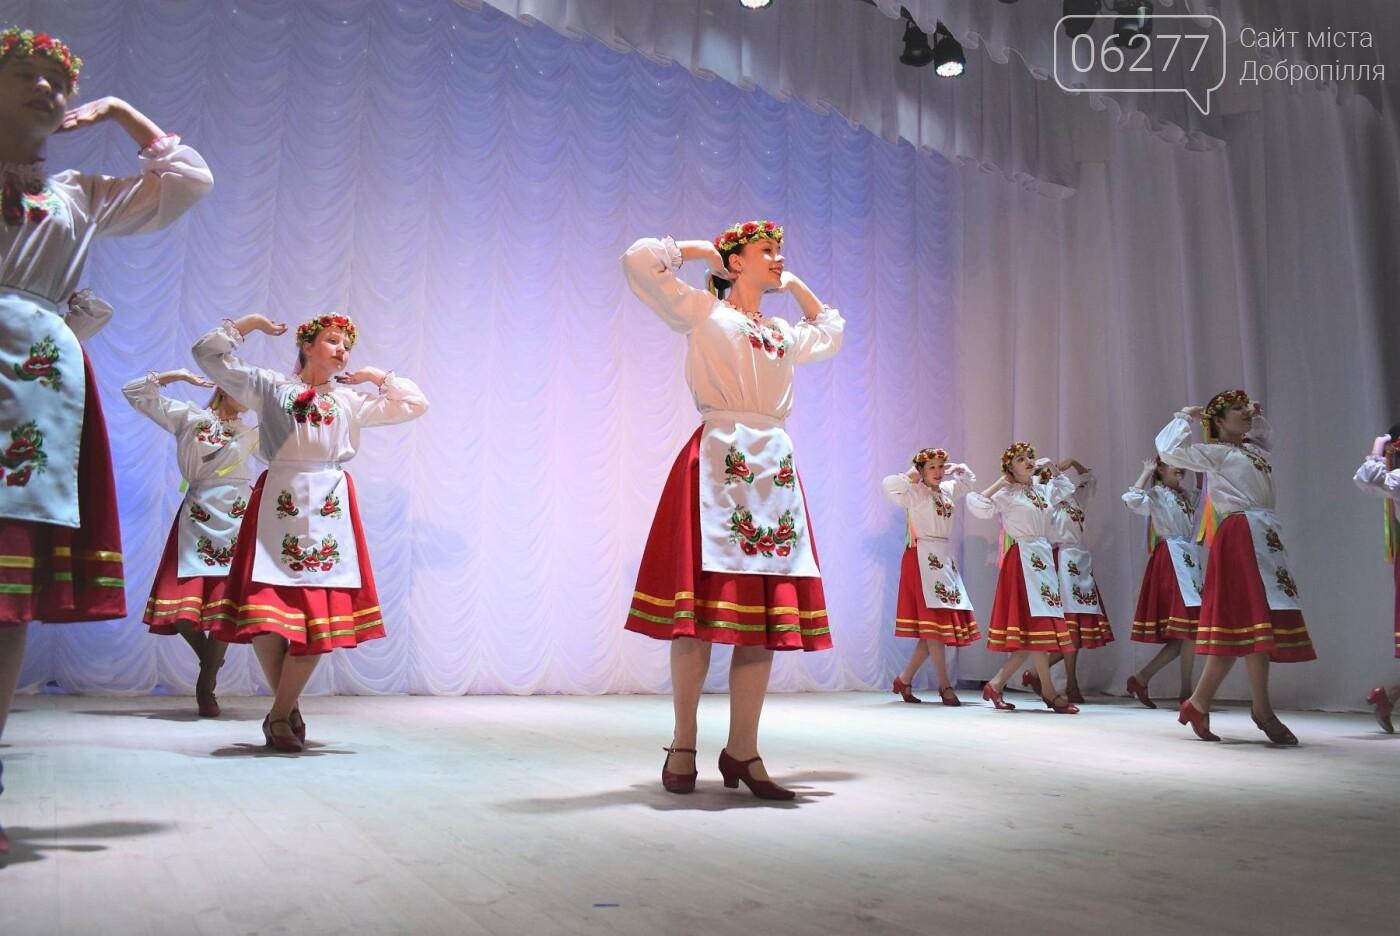 В Центре культуры и досуга Белозёрского прошла презентация зрительного зала, фото-3